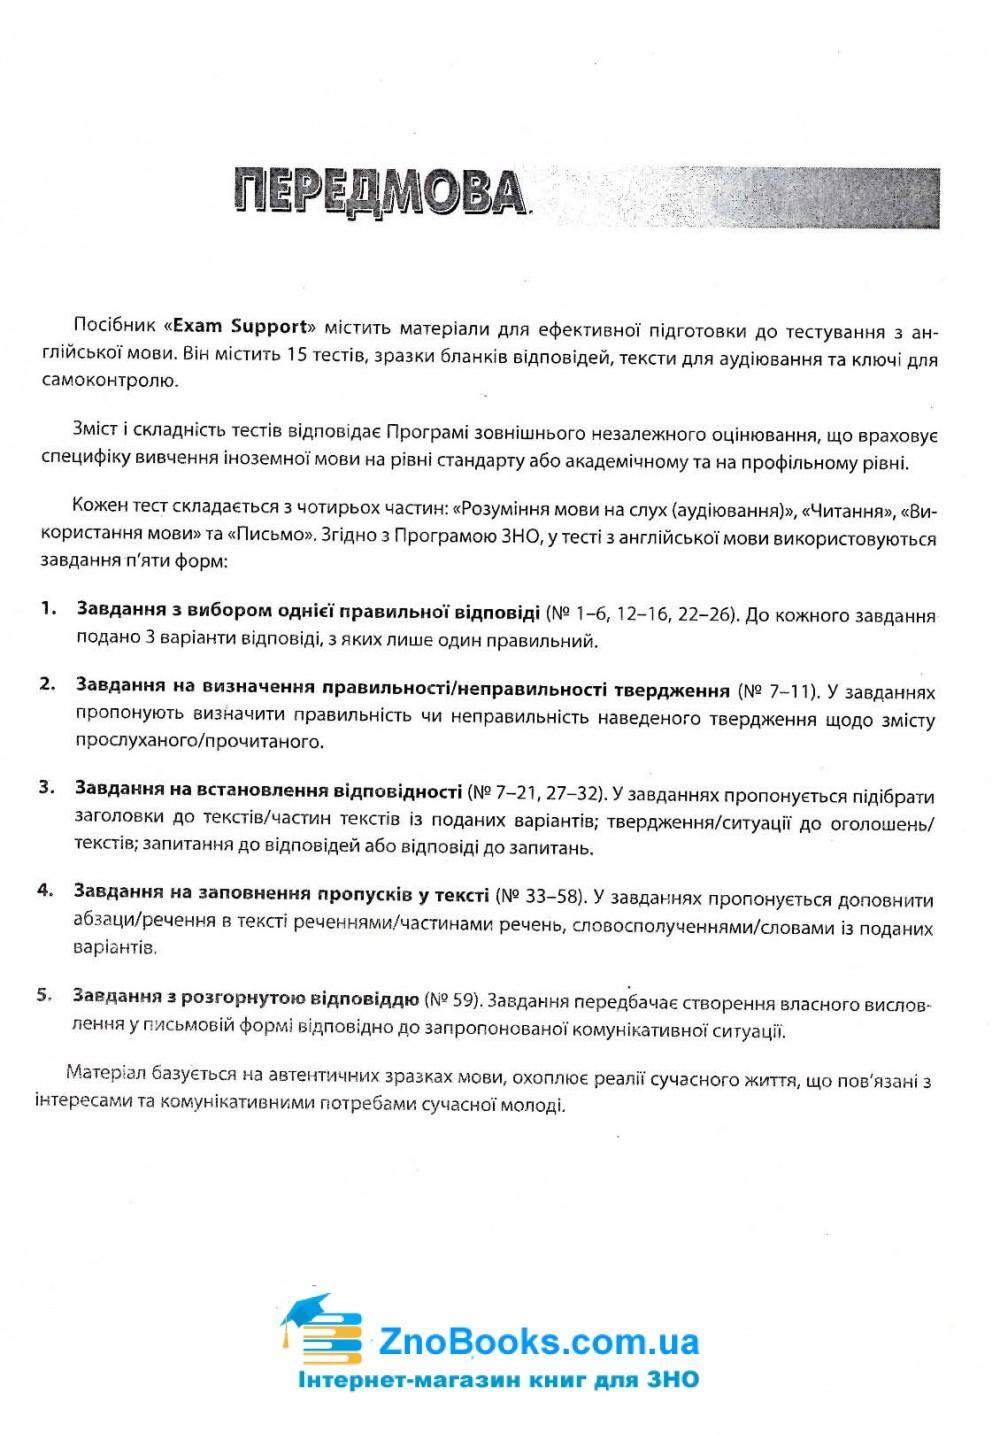 Англійська мова (Exam Support). Тестові завдання у форматі ЗНО та ДПА 2019. купити 3